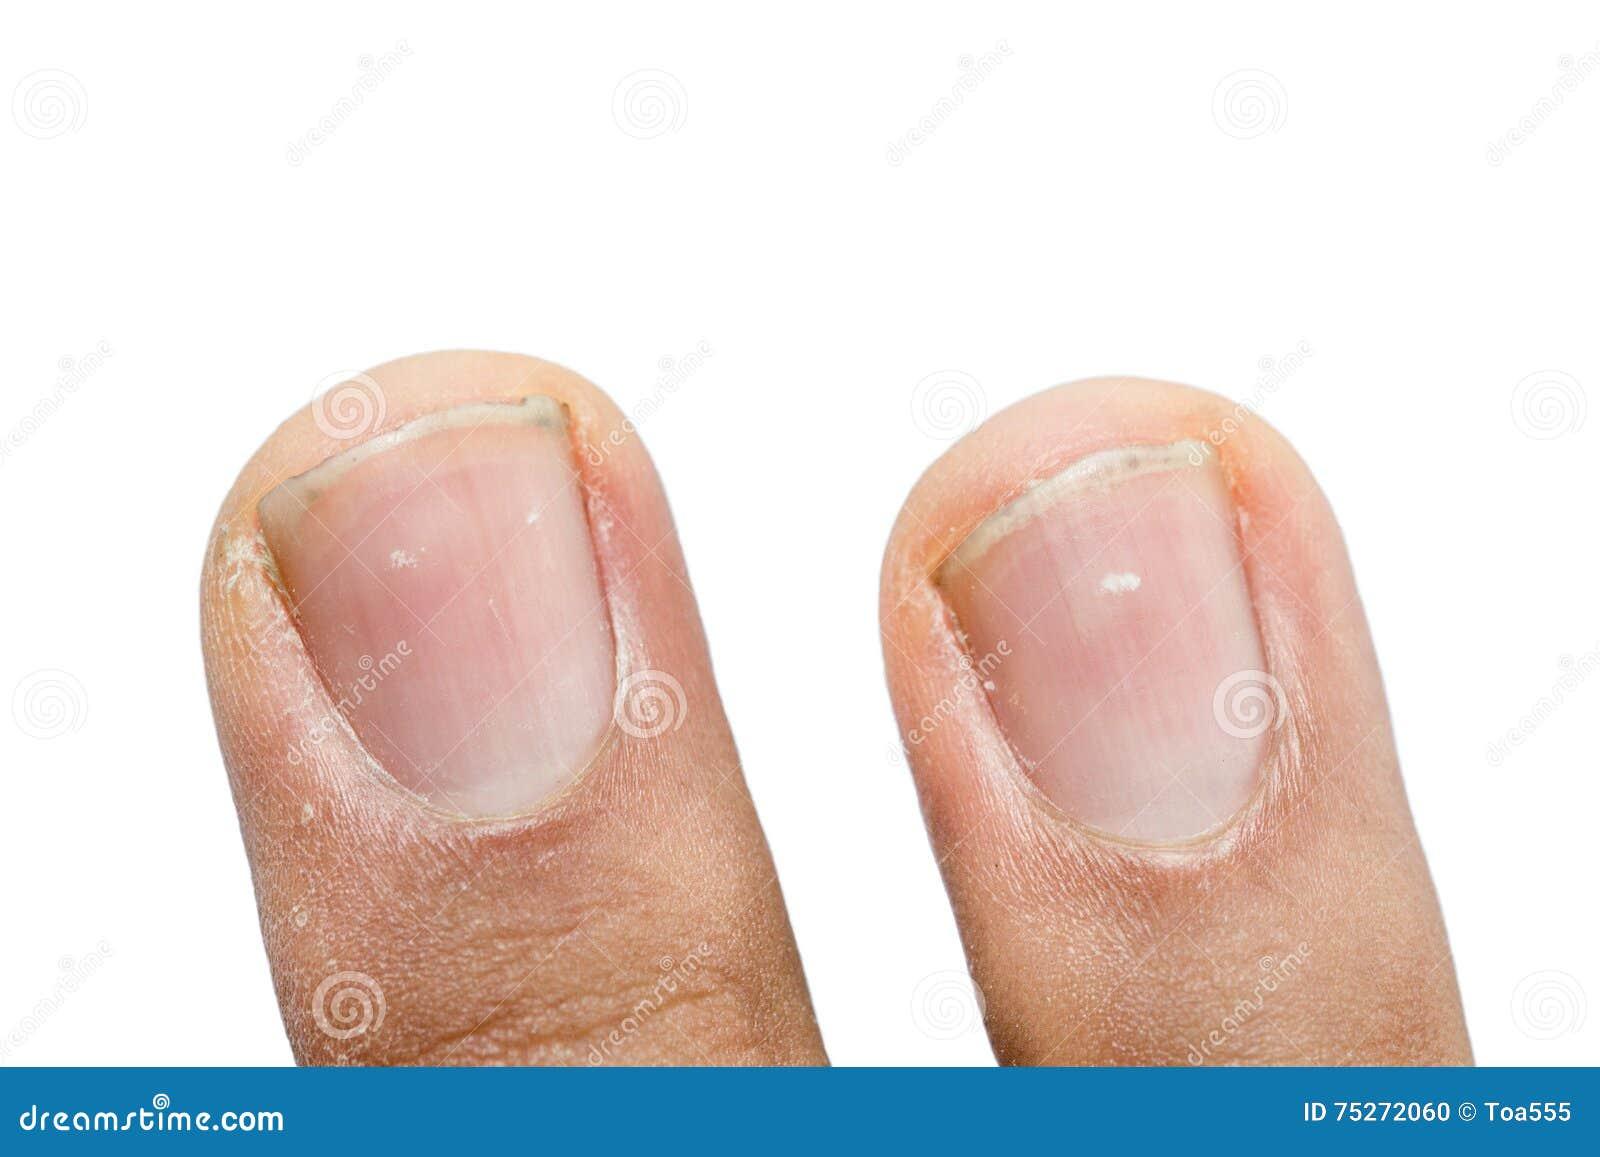 Белые пятна на ногтях: почему появляются, что означает 76